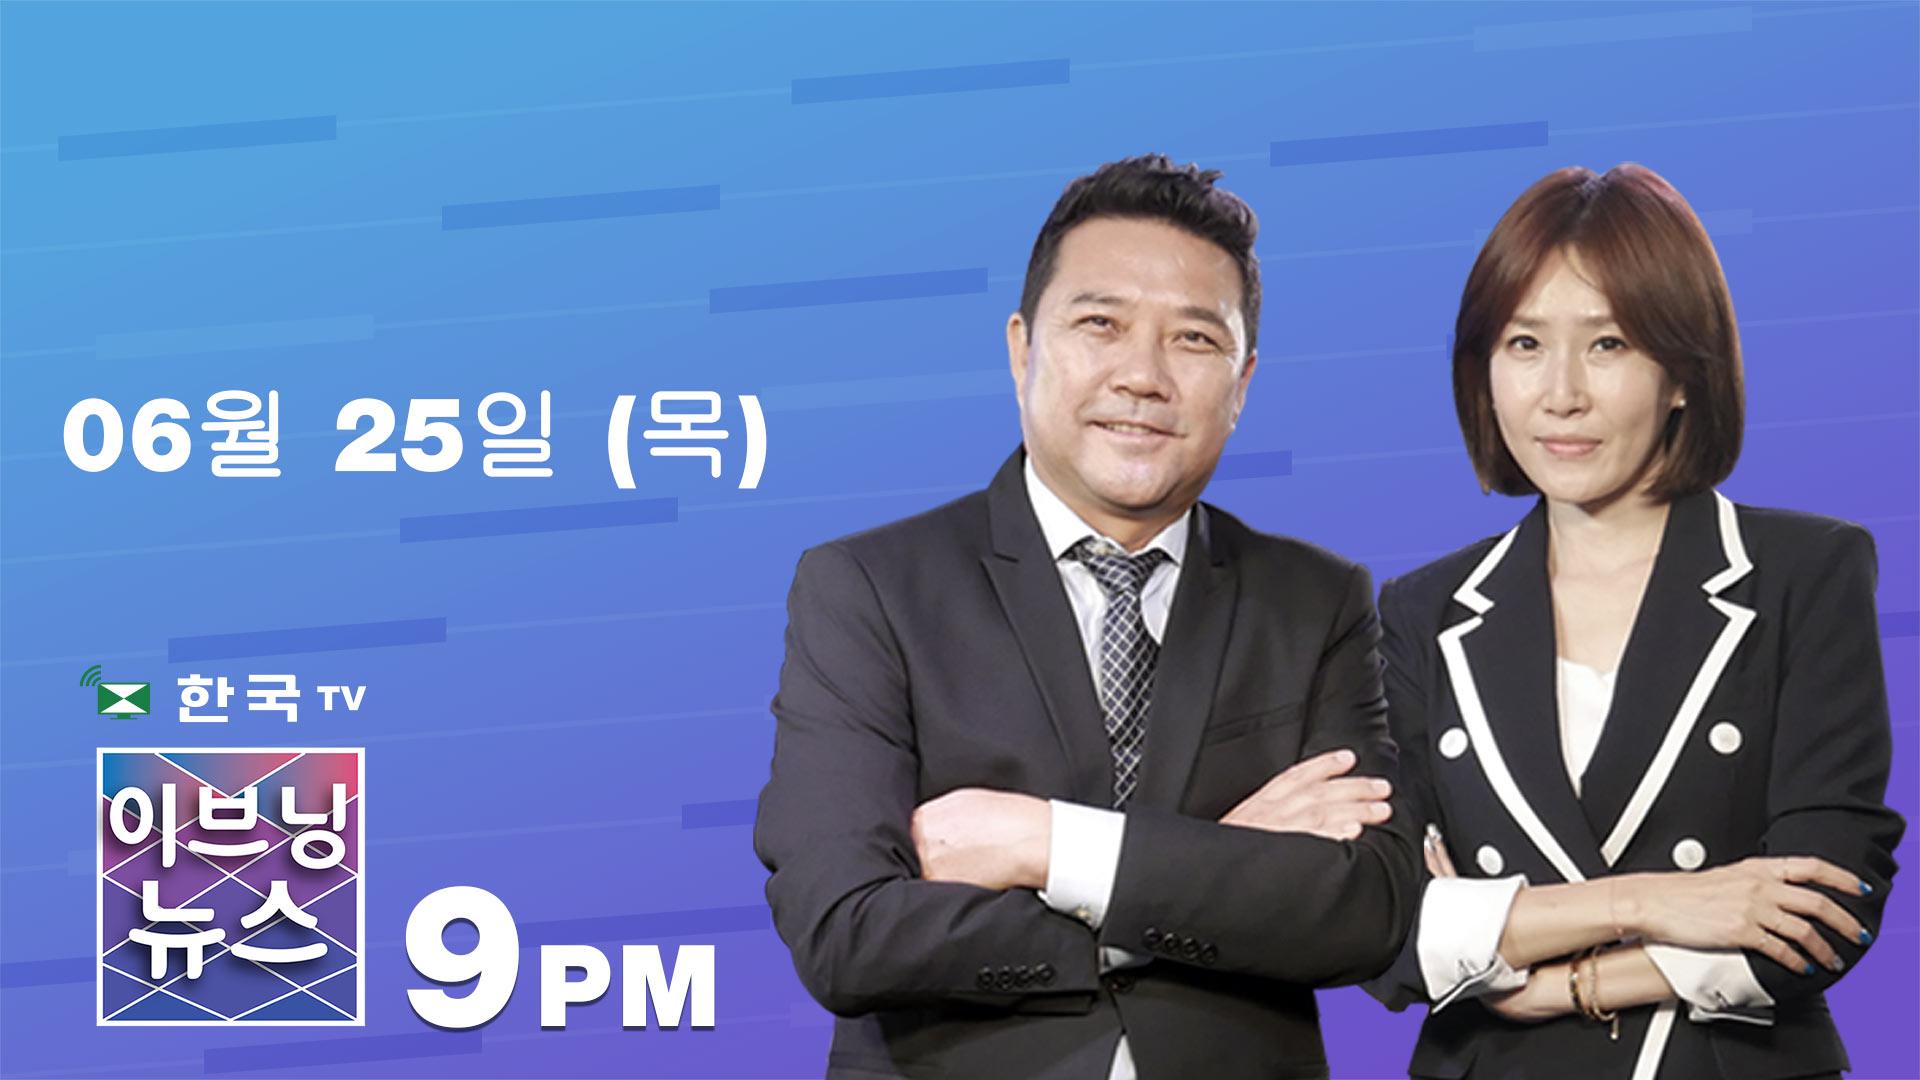 (06.25.2020) 한국TV 이브닝 뉴스